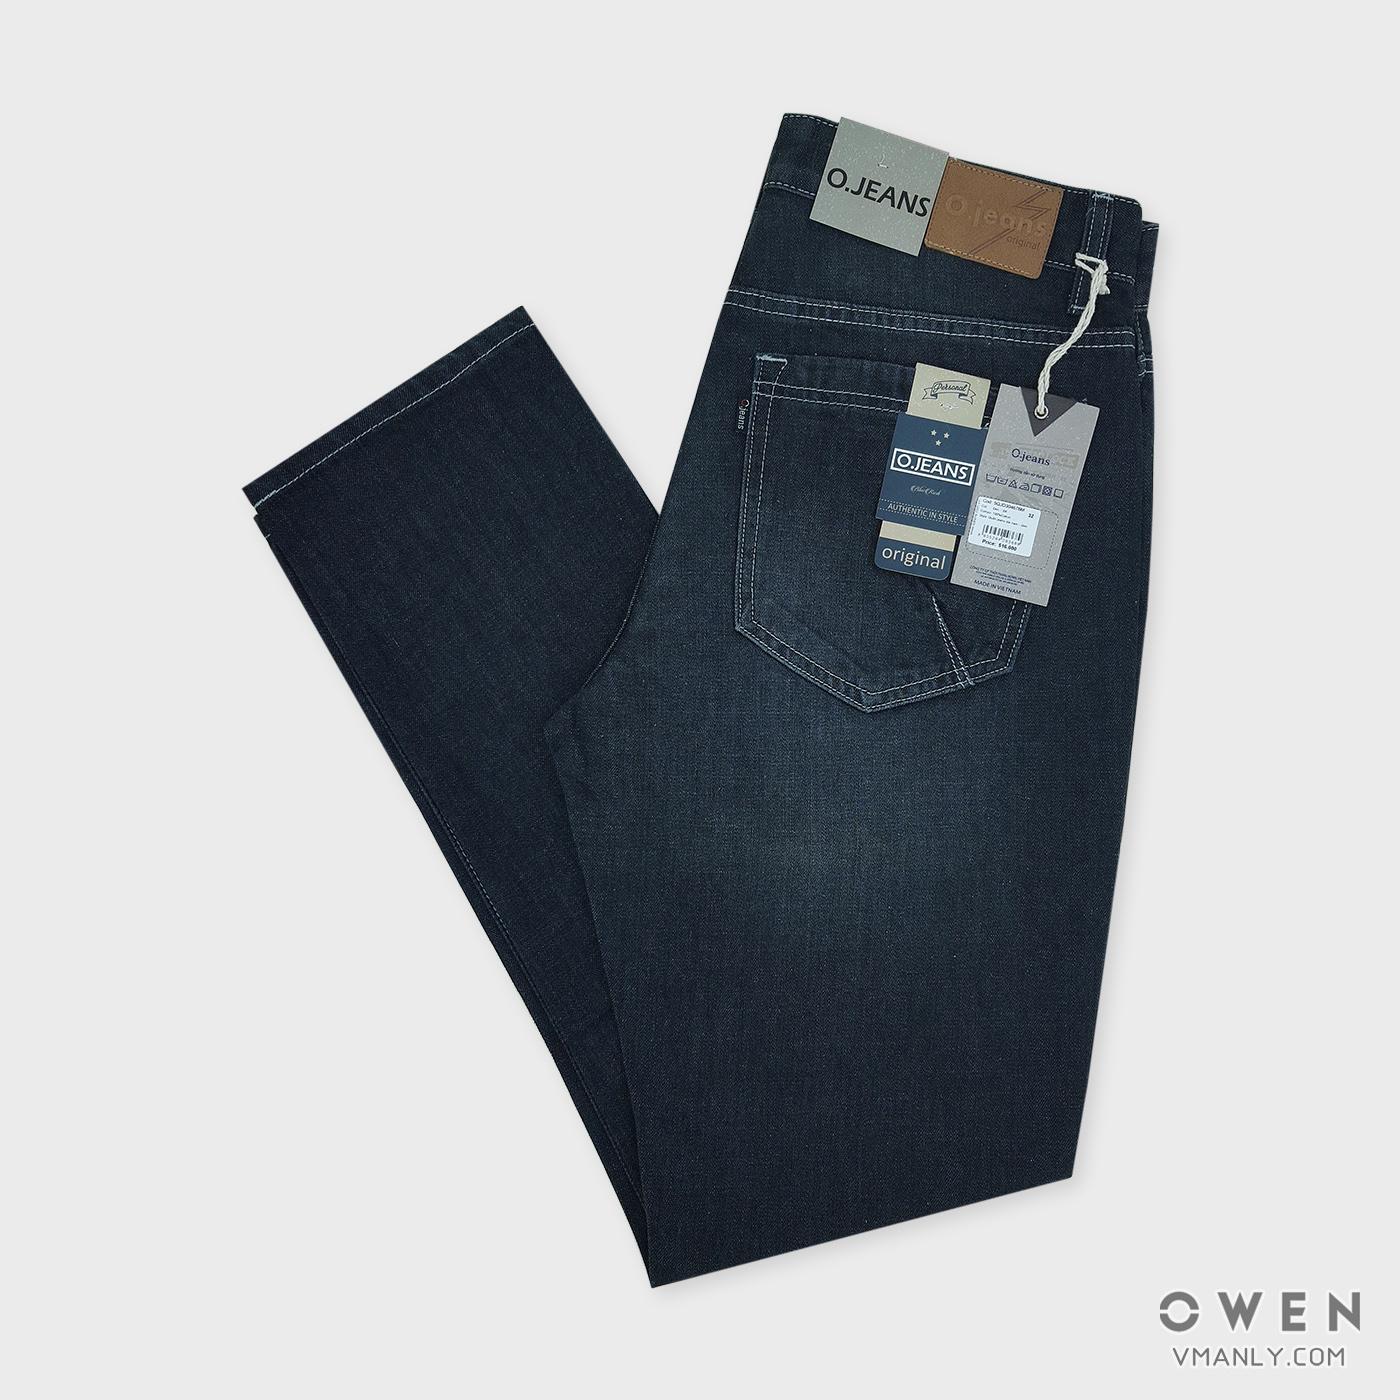 Quần Jeans nam Owen - OJeans ống côn màu đen 5QJD30467BM